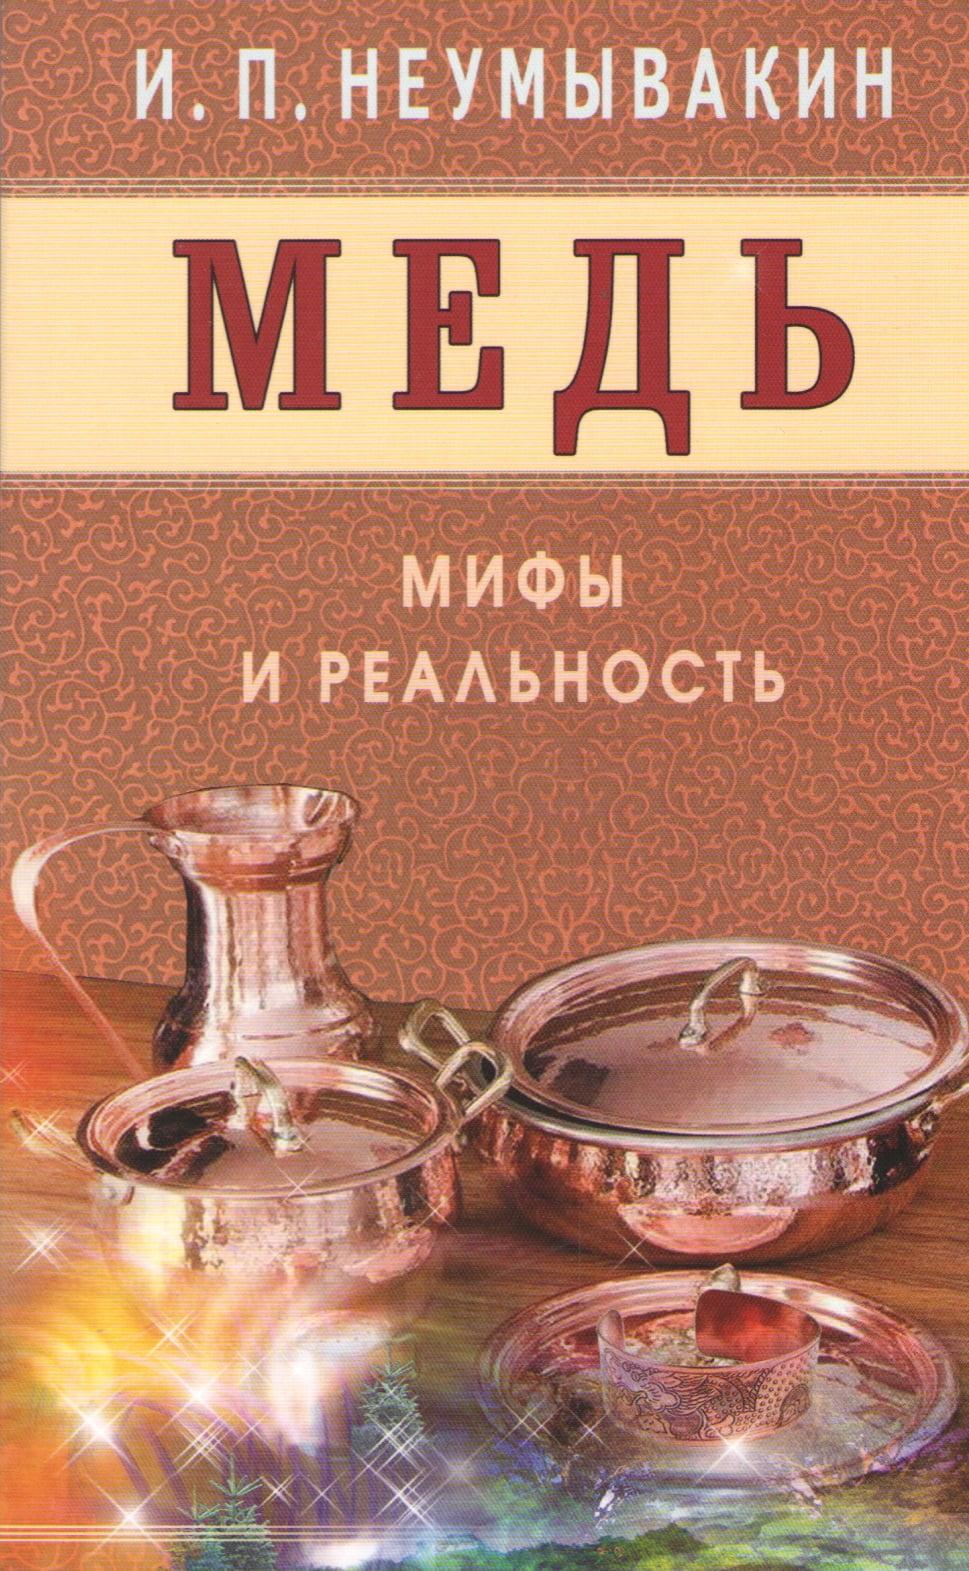 НЕУМЫВАКИН И.П КНИГИ СКАЧАТЬ БЕСПЛАТНО